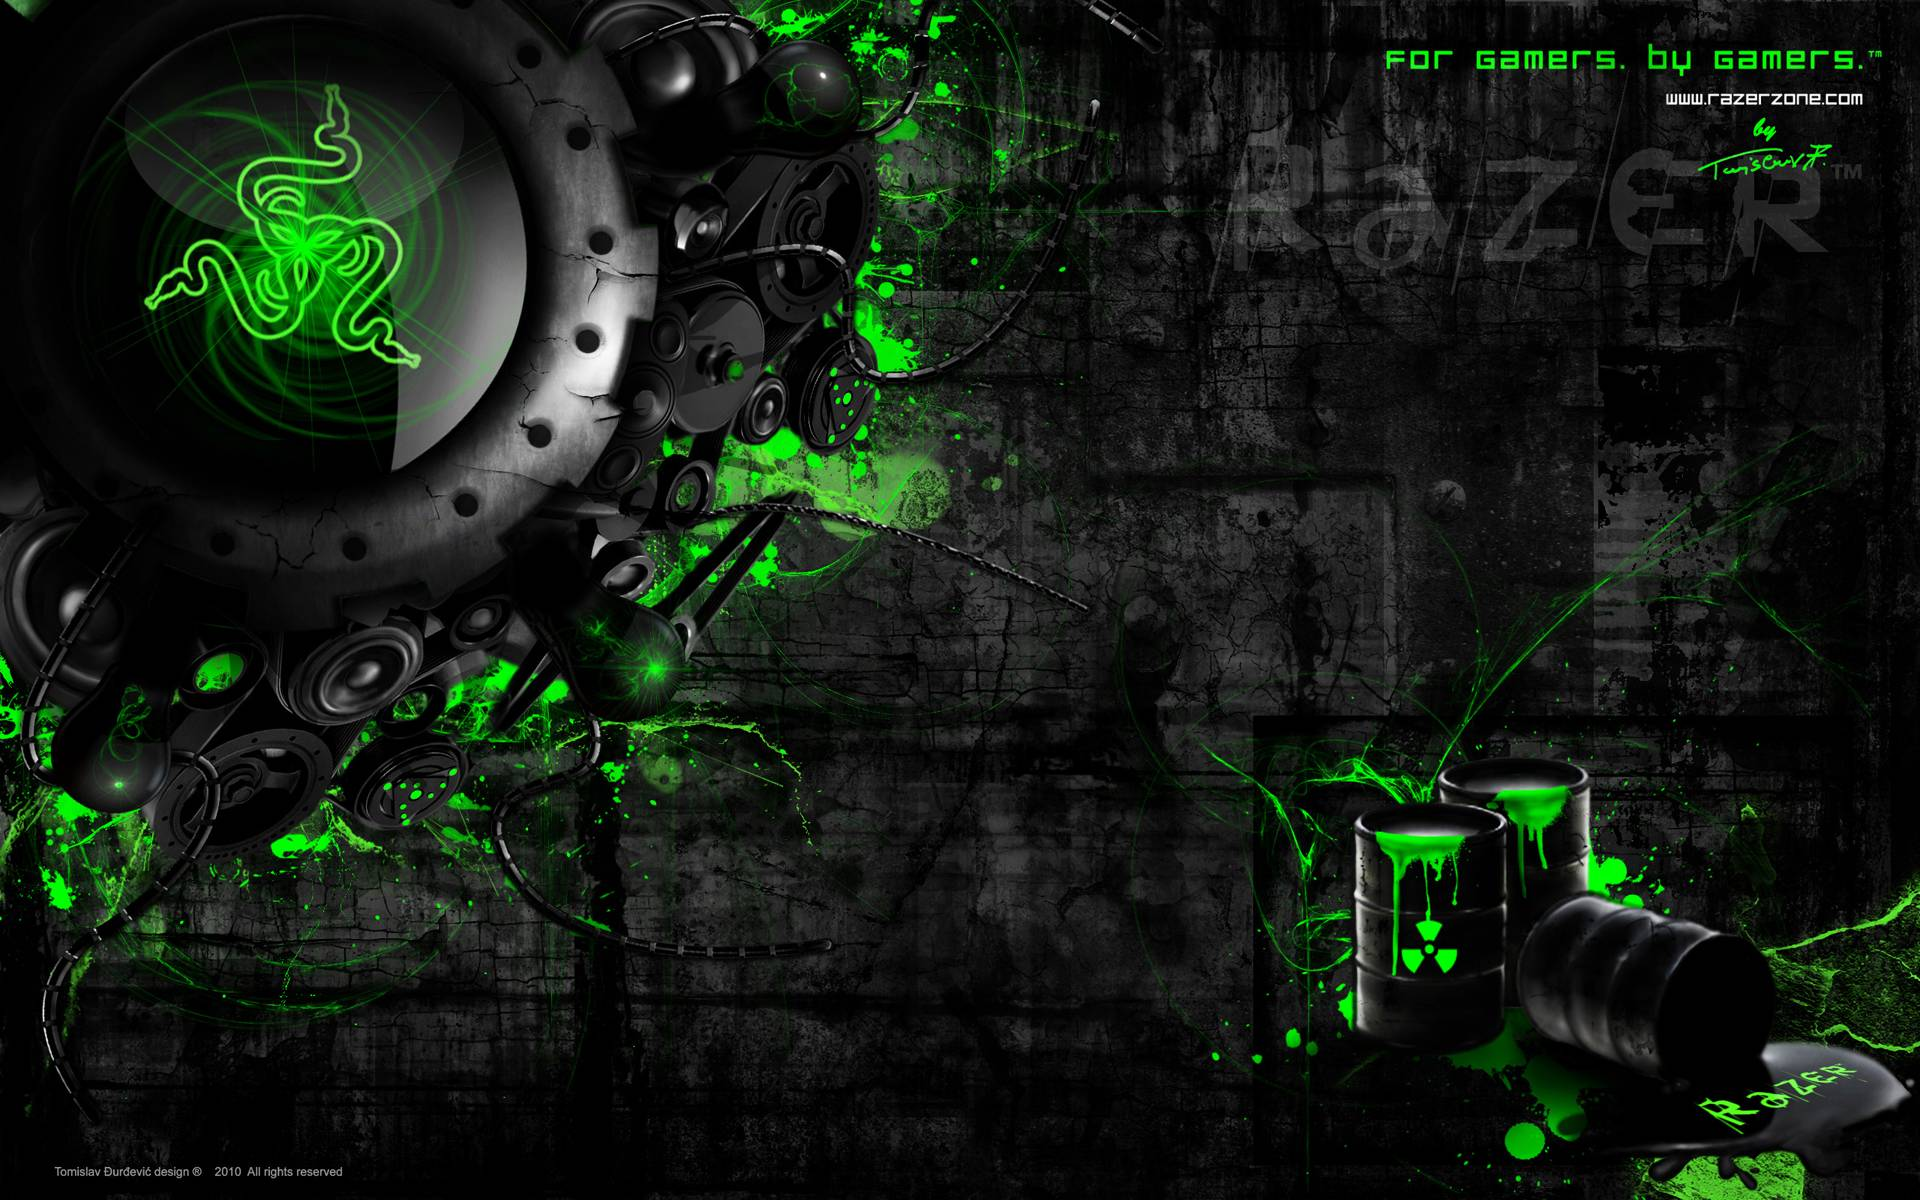 razer computer wallpapers desktop - photo #20